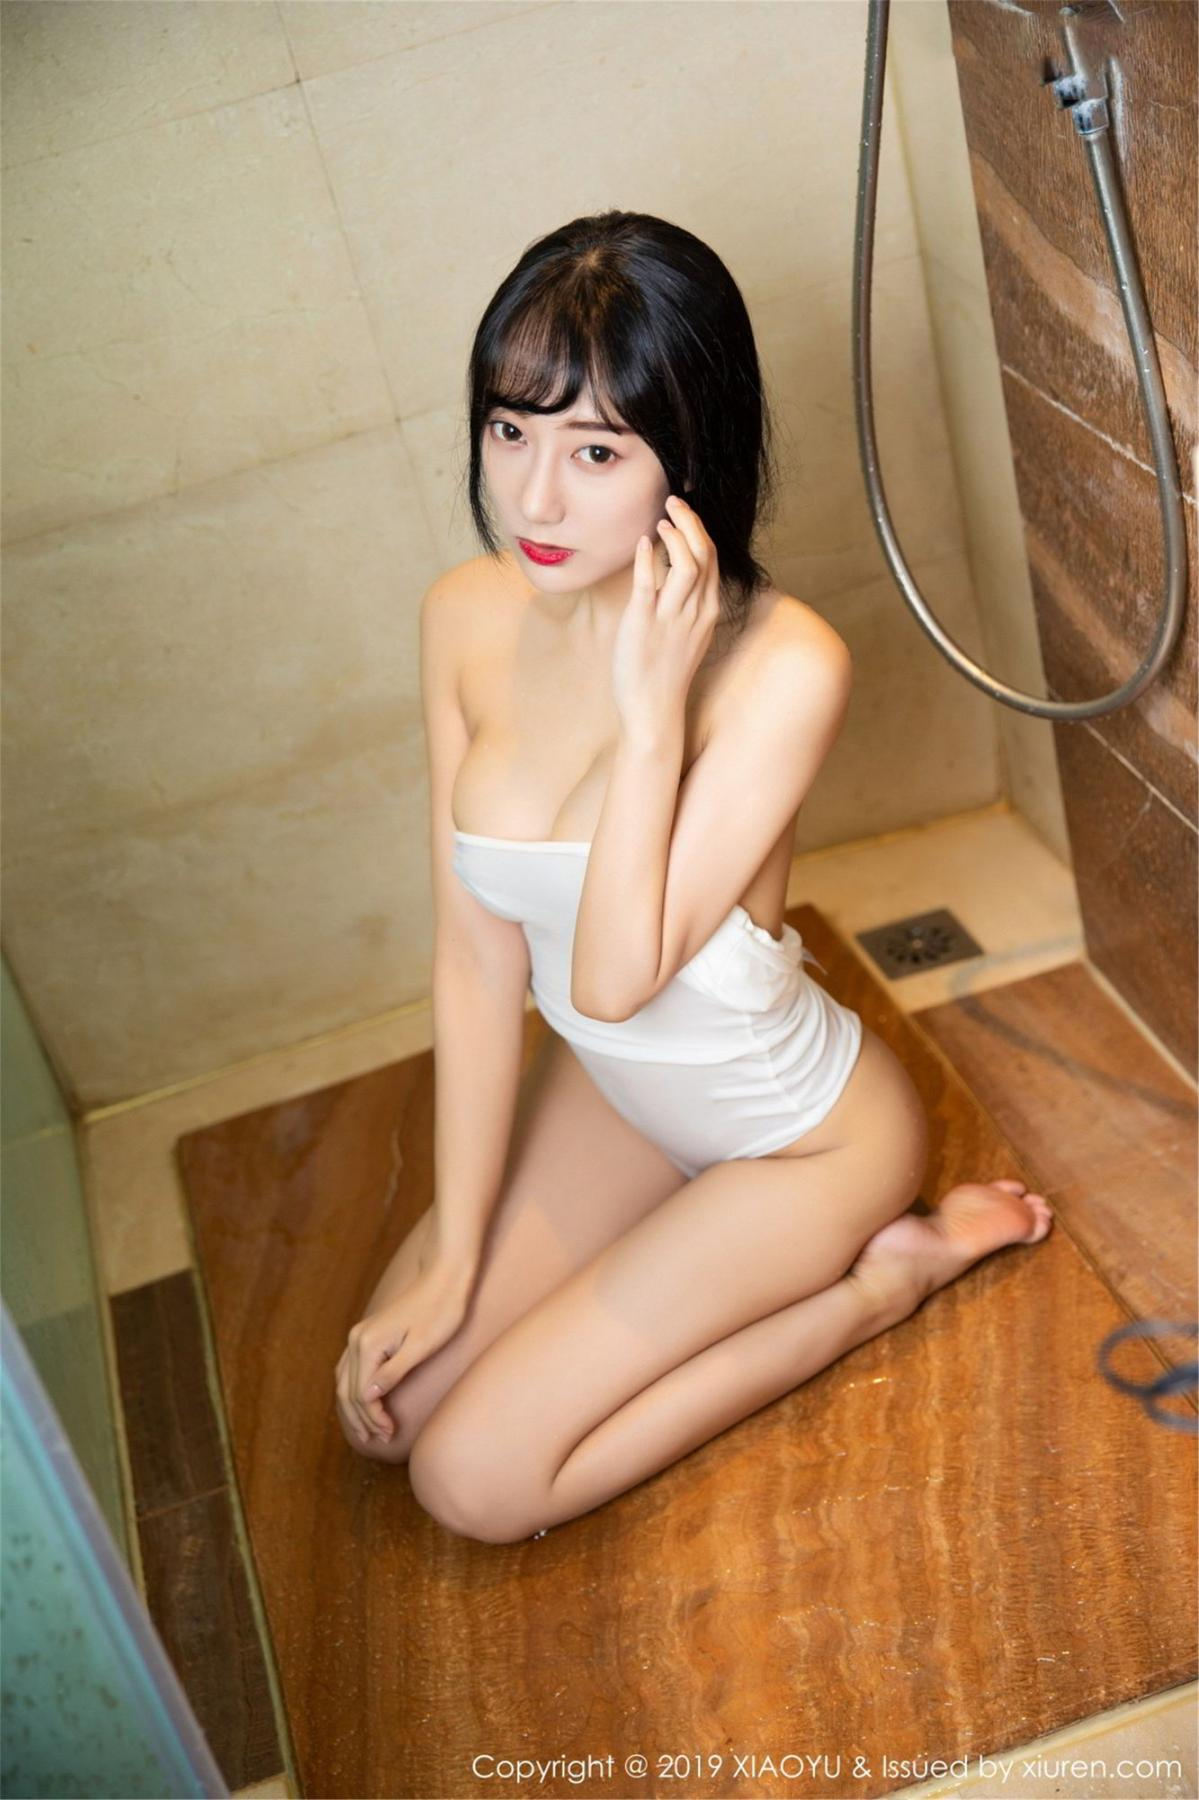 [XiaoYu] Vol.116 He Jia Ying 44P, Bathroom, He Jia Ying, Wet, XiaoYu